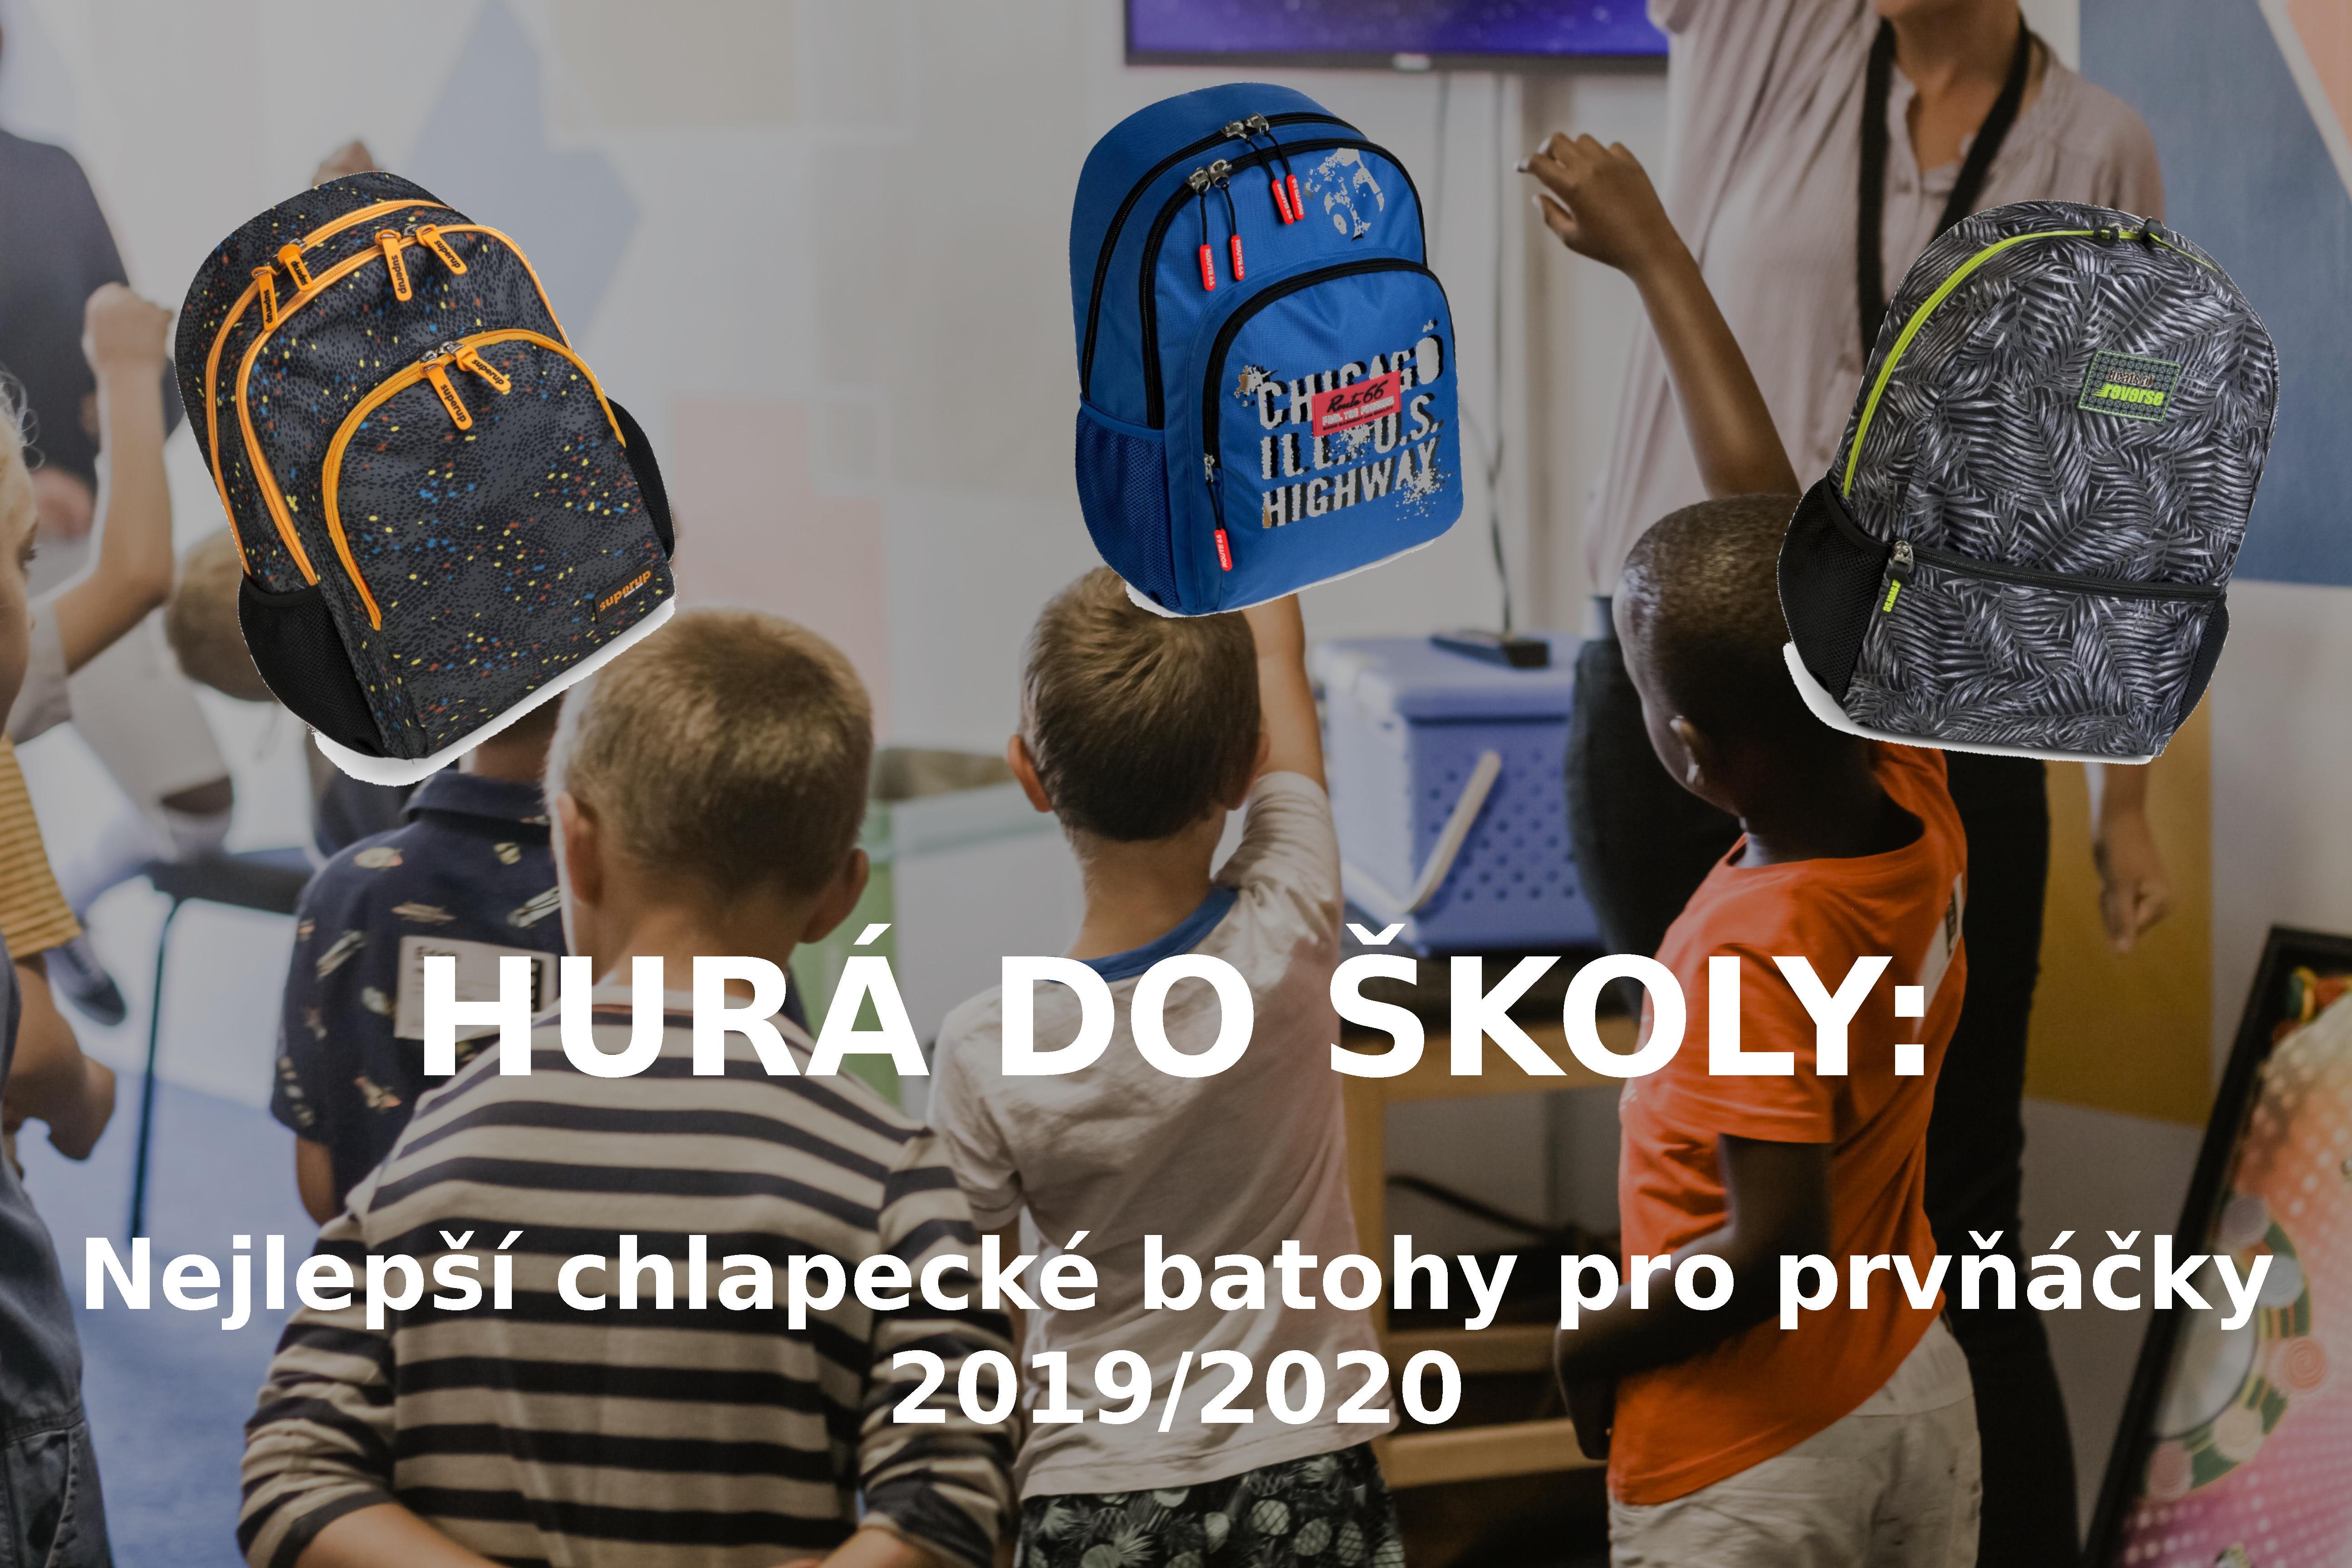 HURÁ DO ŠKOLY: Nejlepší chlapecké batohy pro prvňáčky 2019/2020